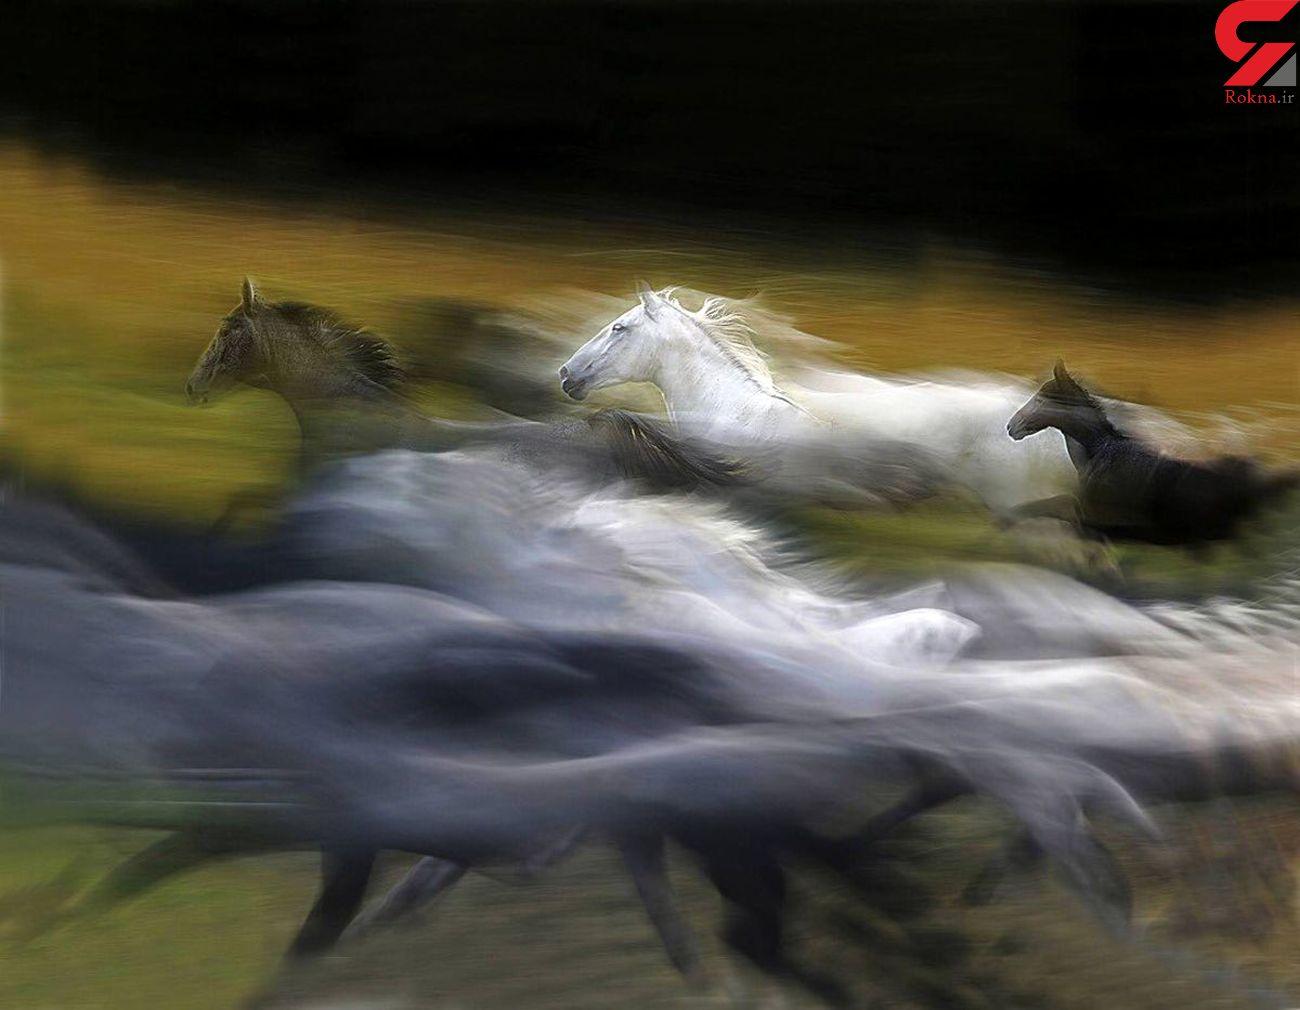 عکس بی نظیر از دویدن اسبها!